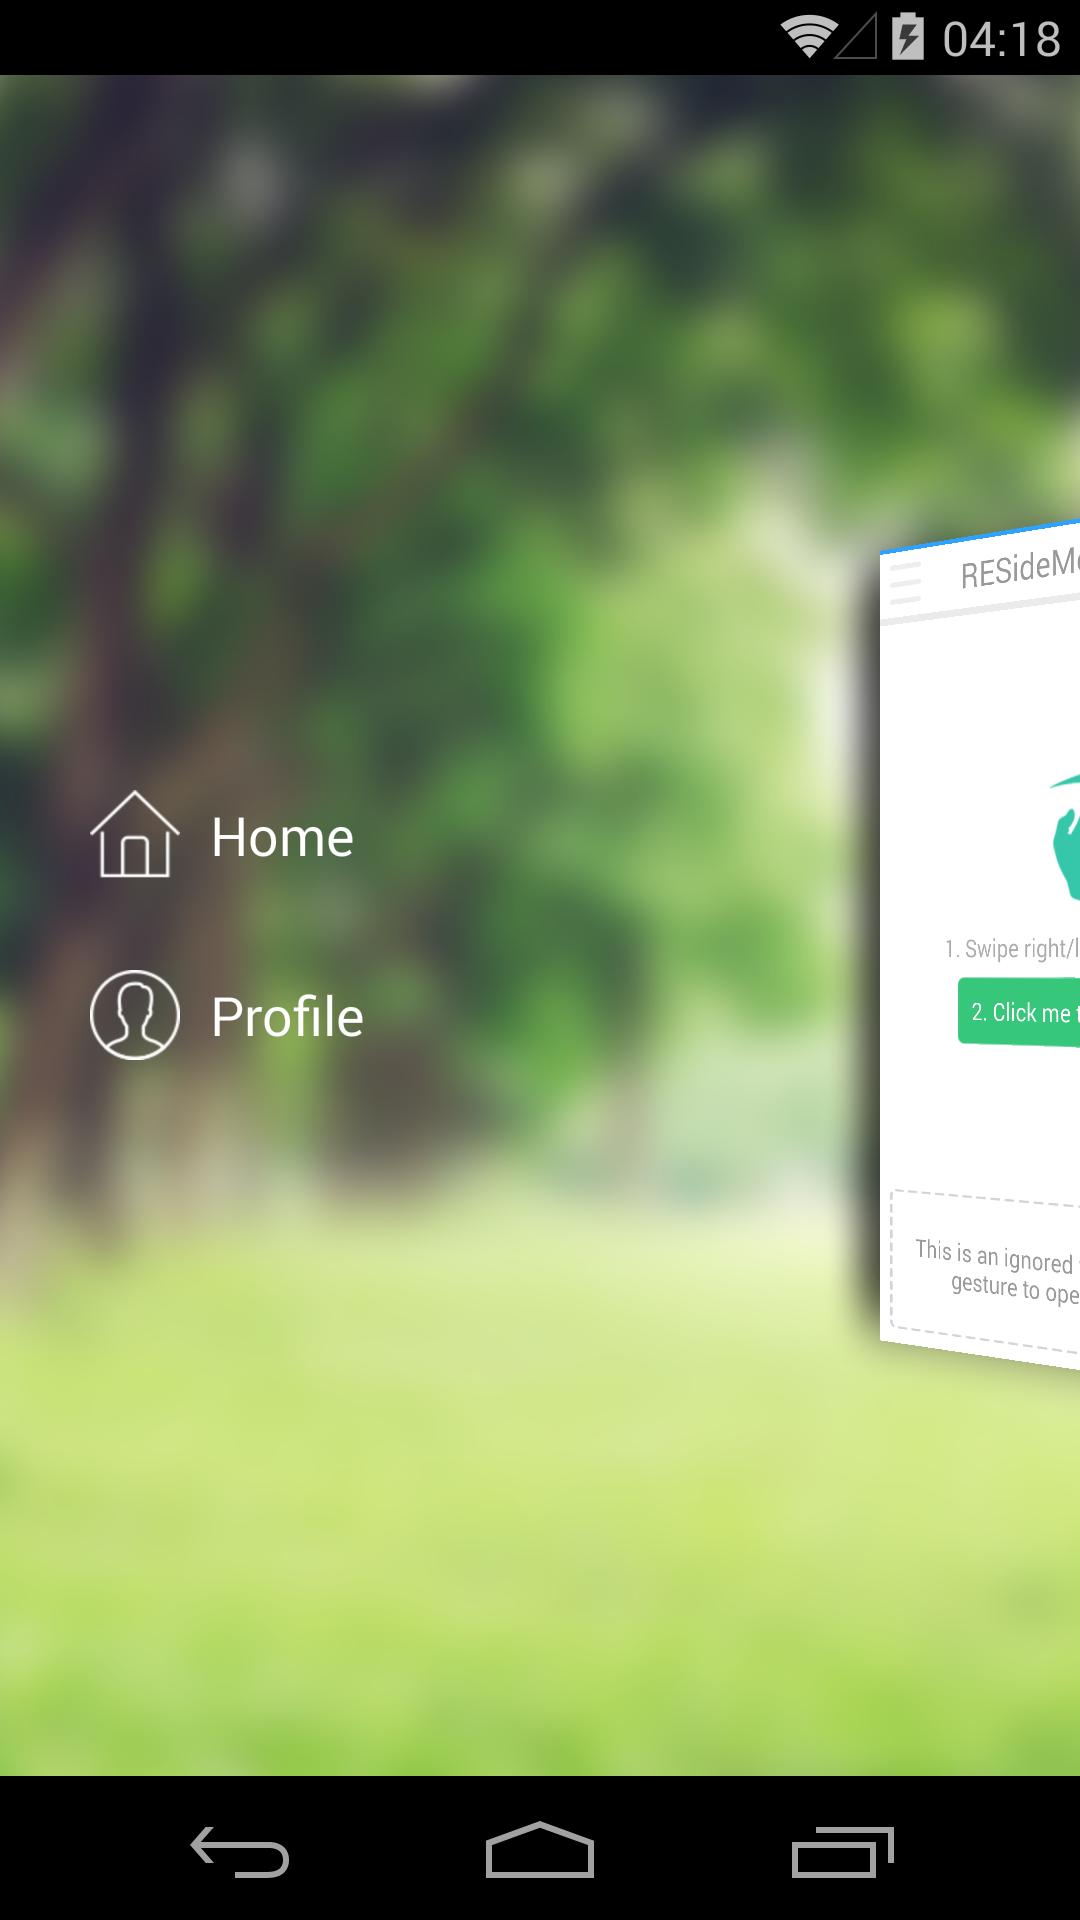 معرفی کتابخانه AndroidResideMenu برای ساخت منوی کشویی سه بعدی در اندروید_HamyarAndroid.com_3